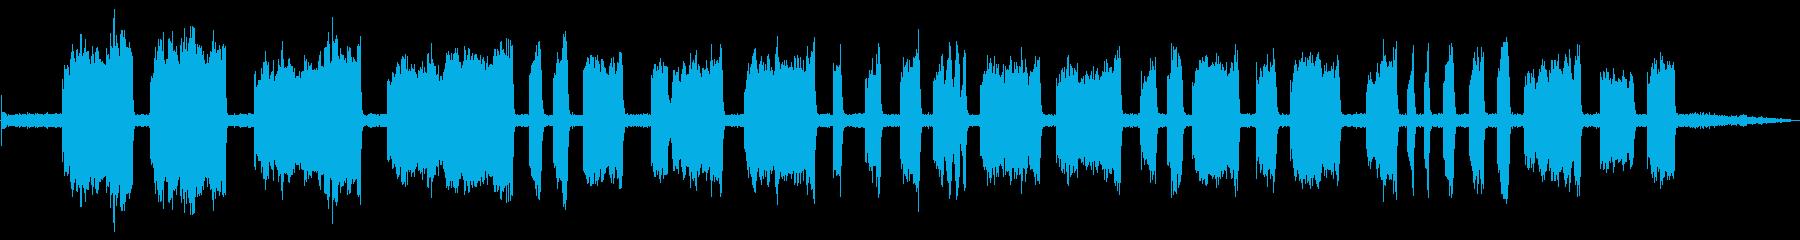 アングルグラインダー-研削金属の再生済みの波形